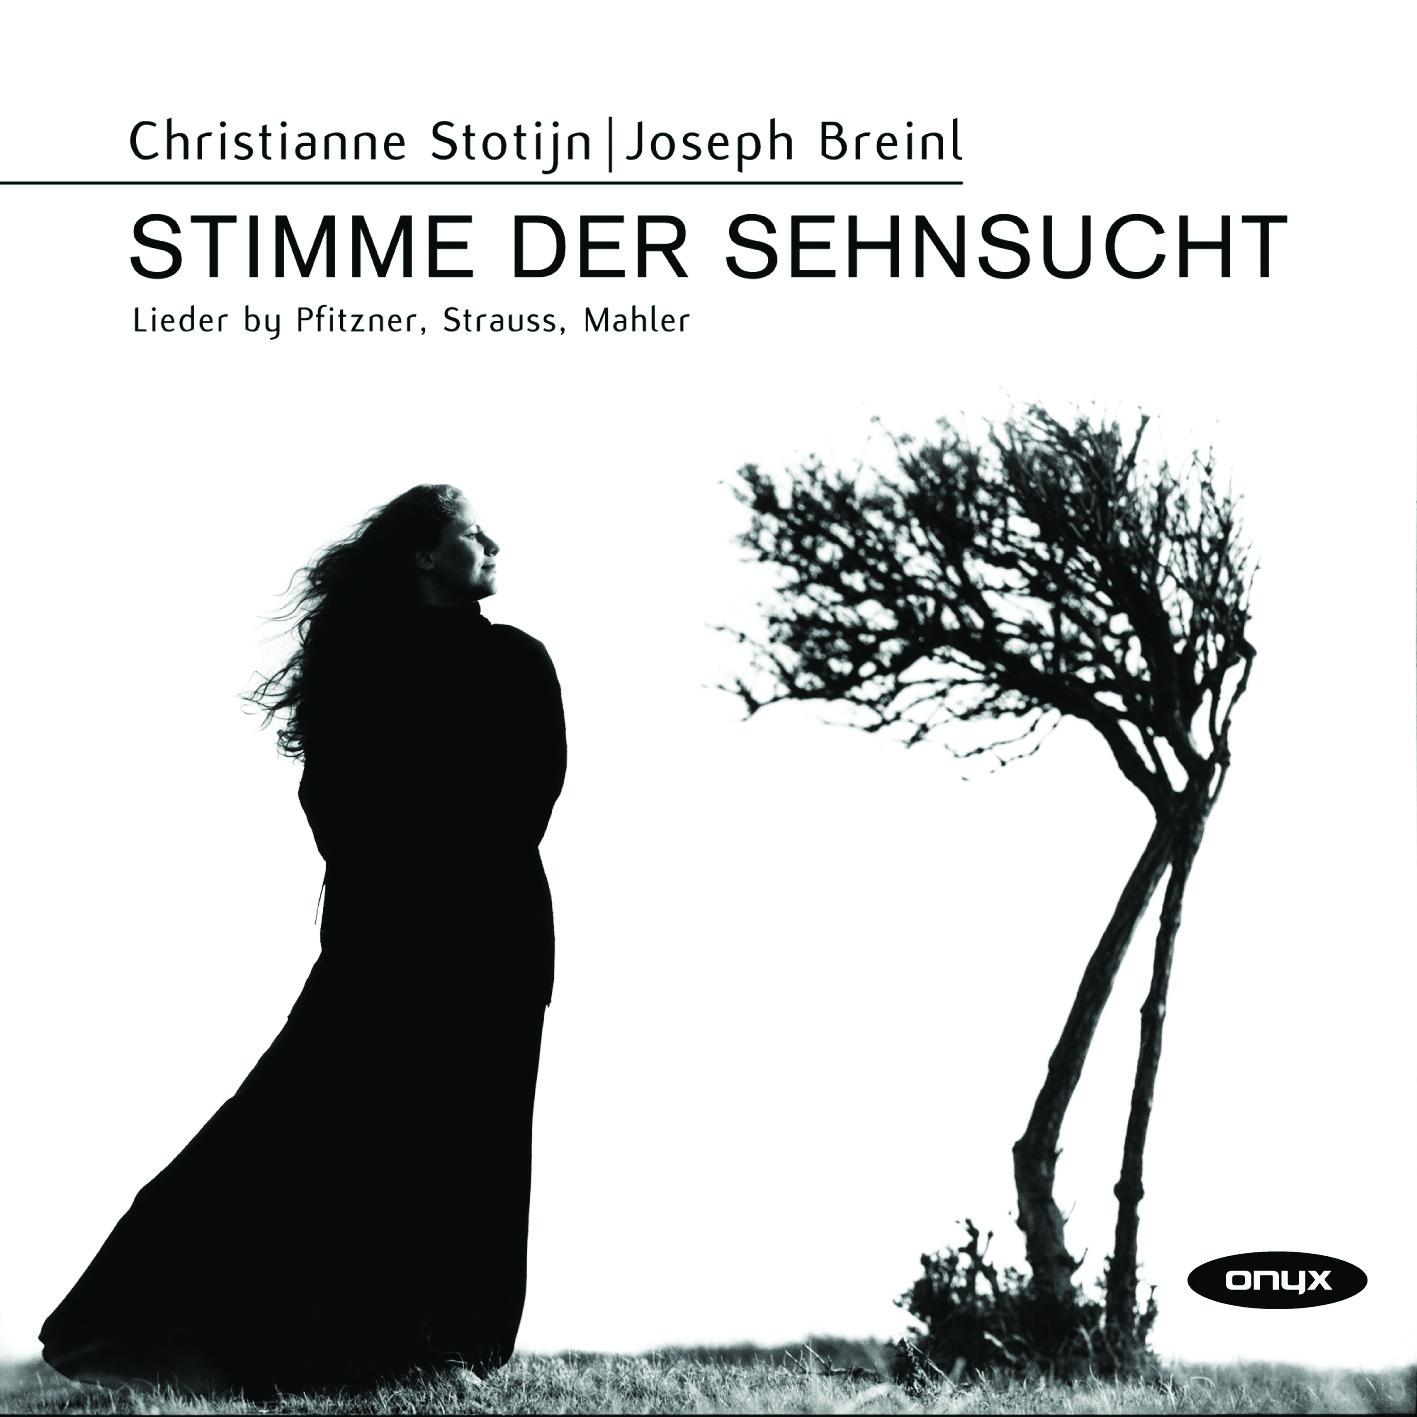 Stimme der Sehnsucht: Lieder by Pfitzner, Strauss and Mahler